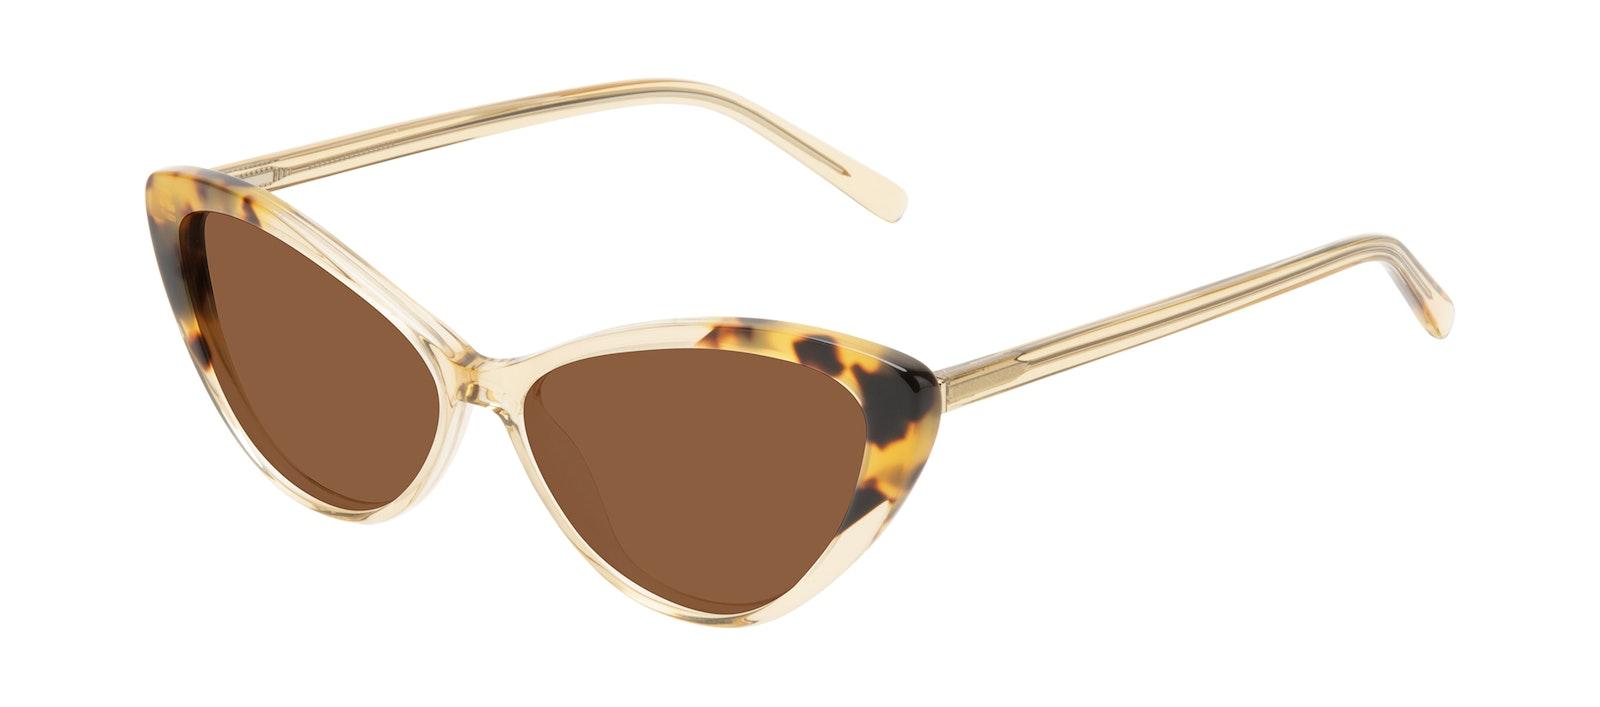 Affordable Fashion Glasses Cat Eye Sunglasses Women Gossamer Golden Tort Tilt